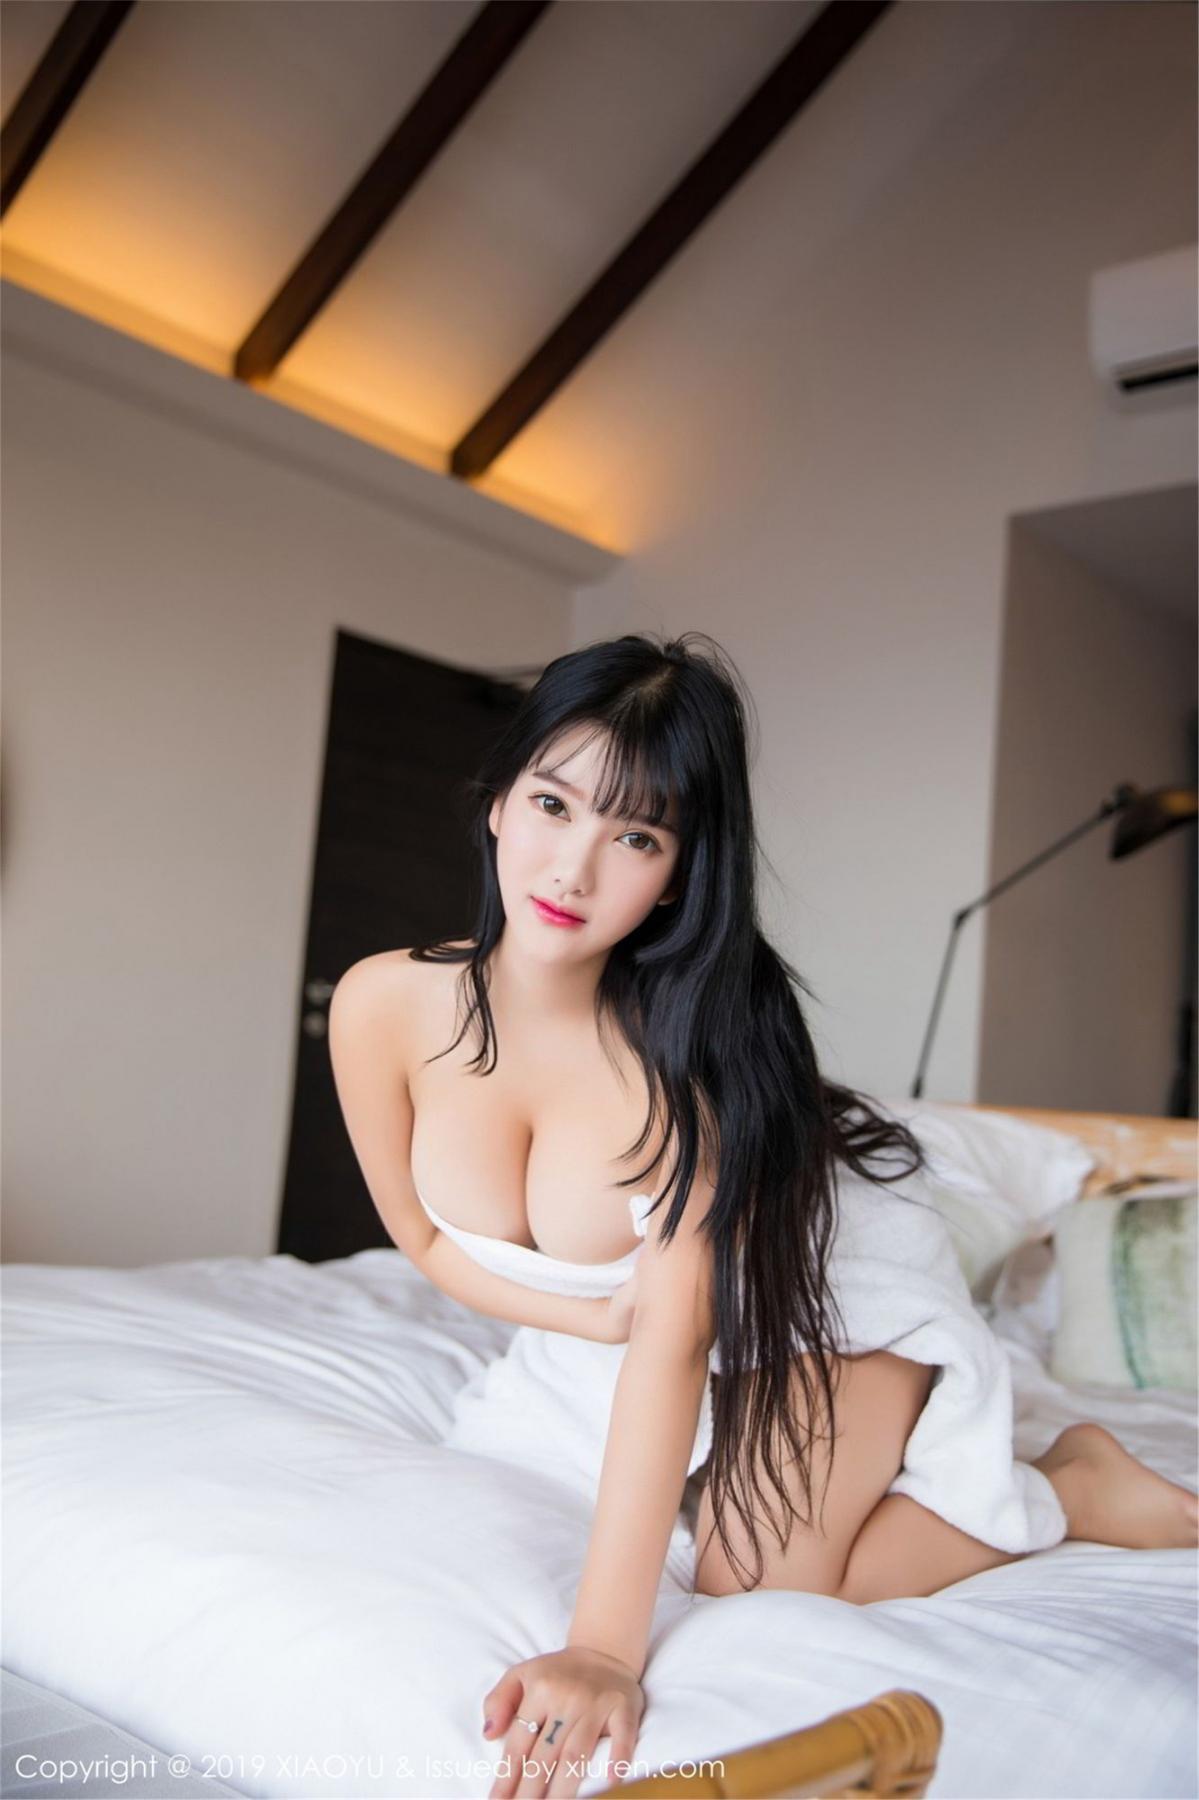 [XiaoYu] Vol.070 Lu Lu Xiao Miao 3P, Baby Face Big Boobs, Lovely, Lu Lu Xiao Miao, XiaoYu